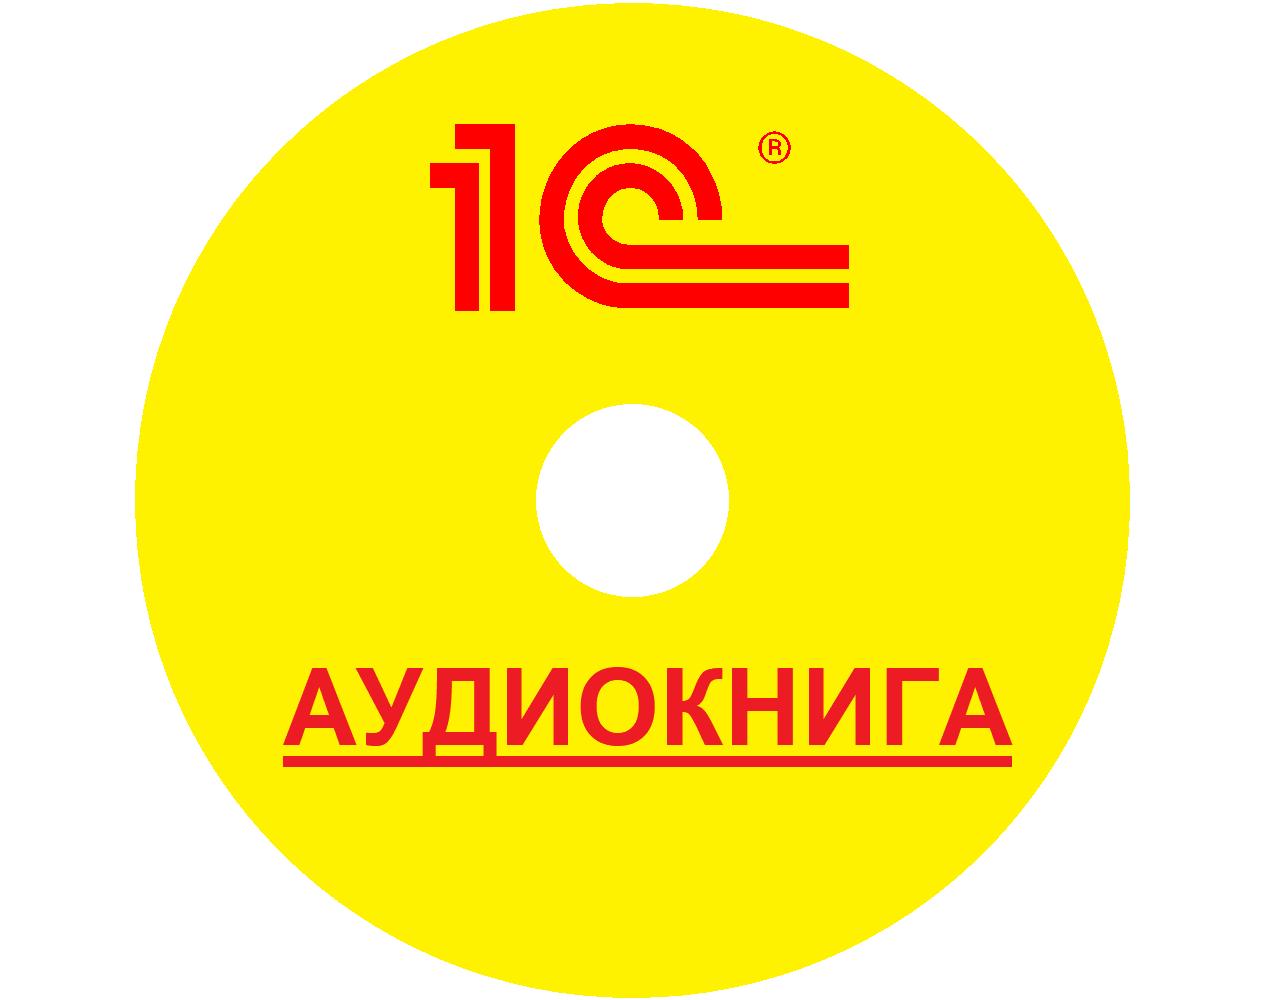 AudioBook1C